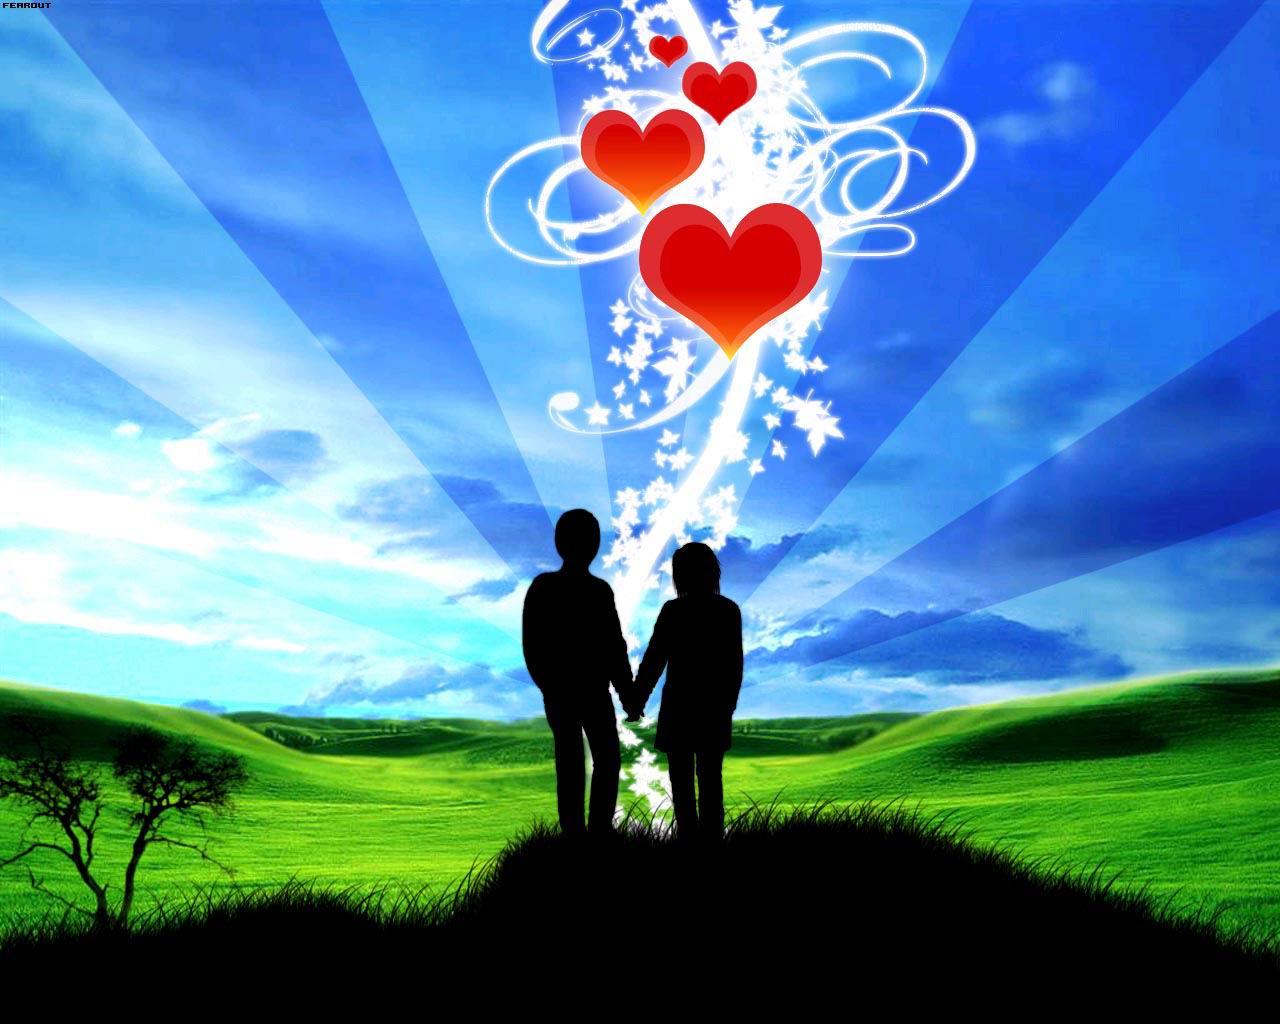 desktop backgrounds 4u romance